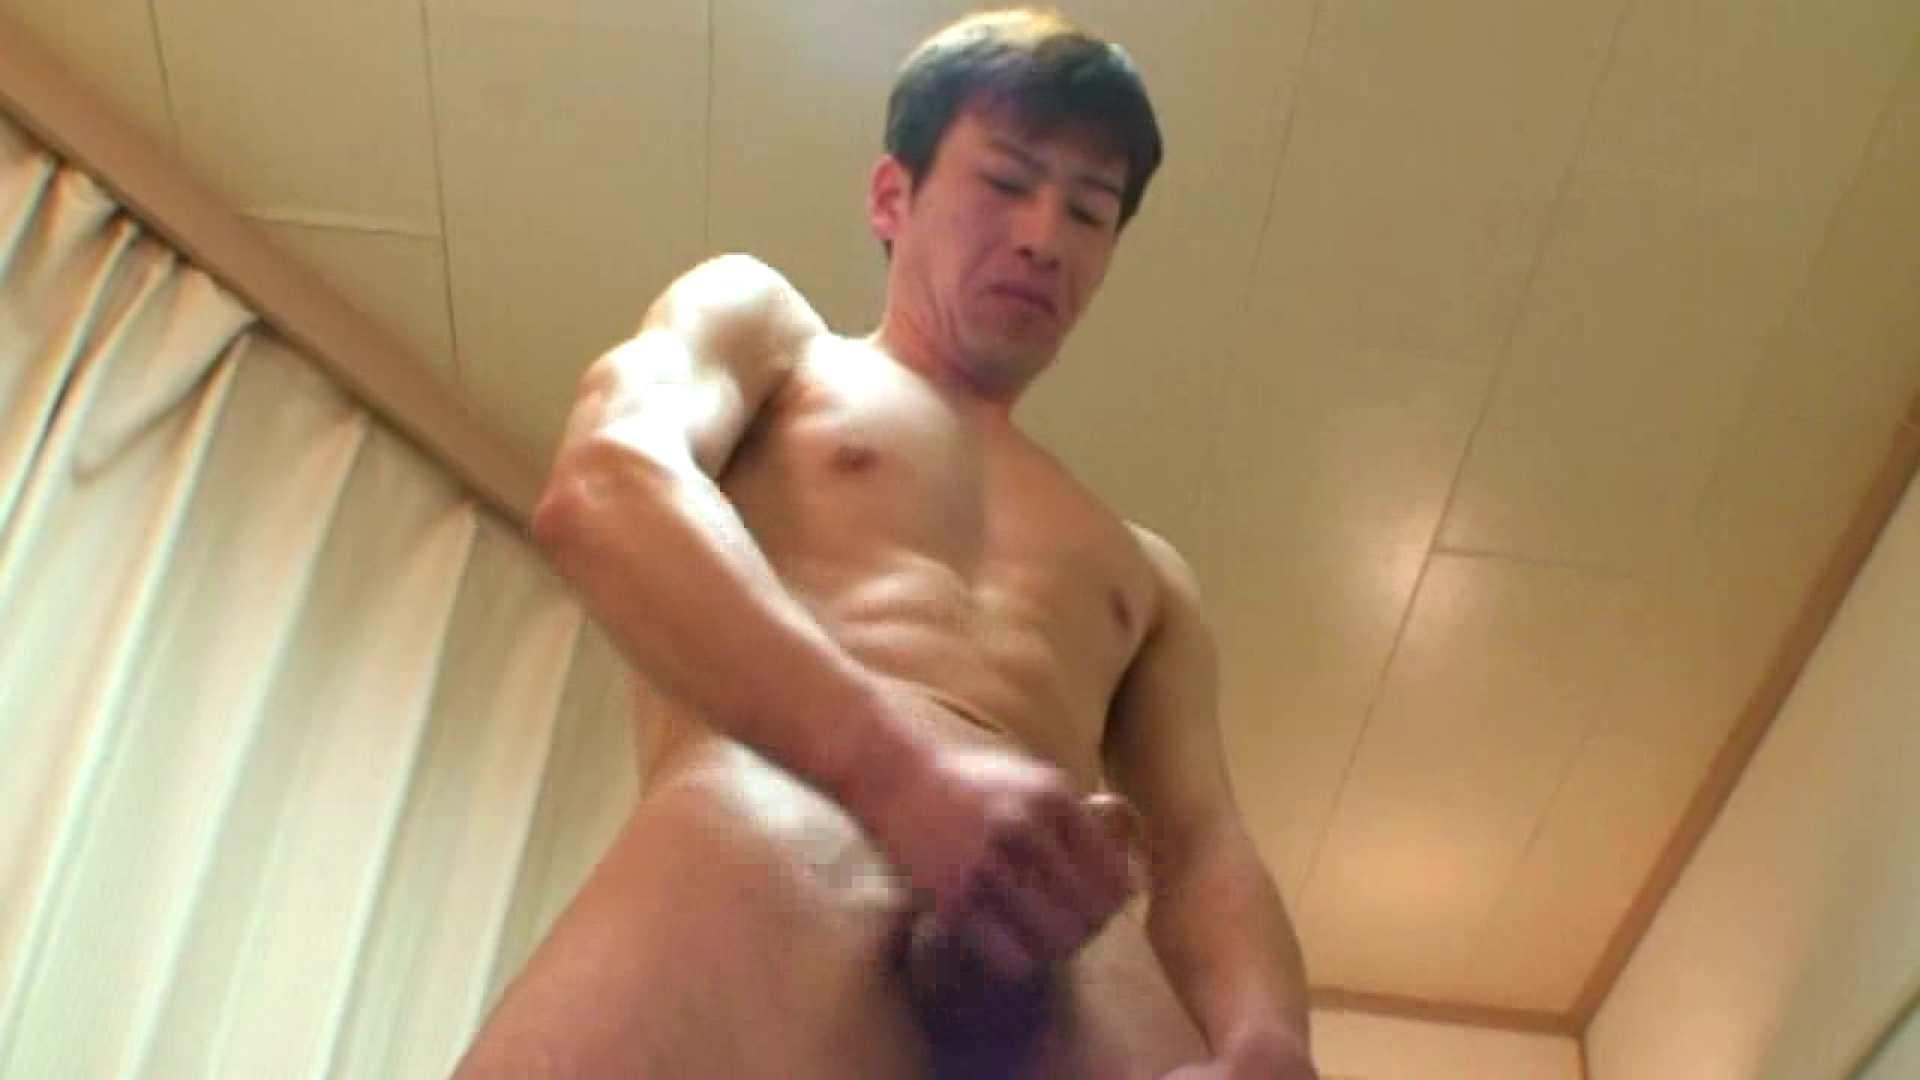 ノンケ!自慰スタジオ No.19 ノンケ  97pic 9